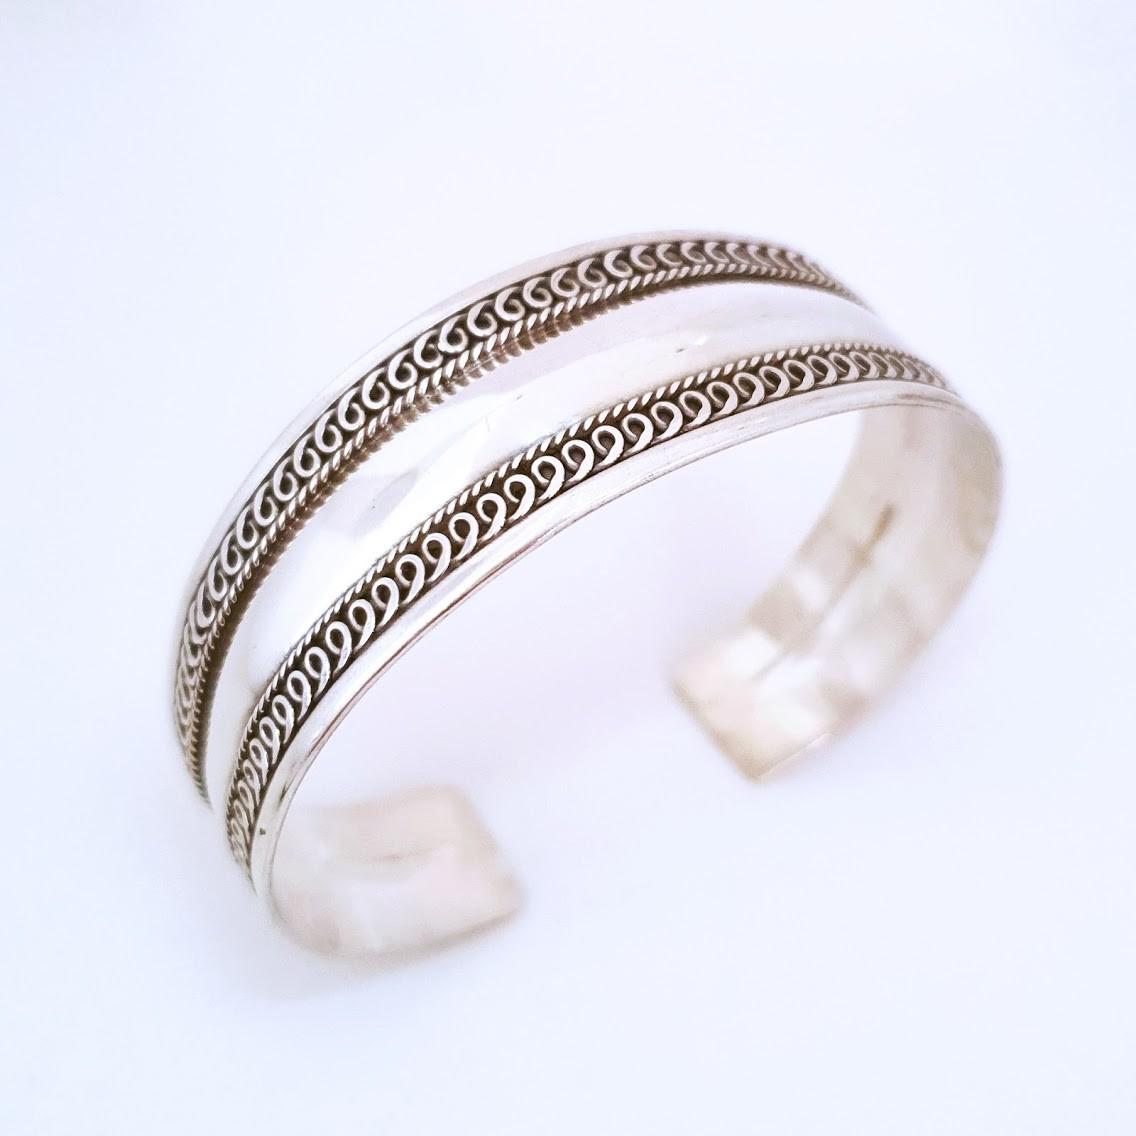 Bracelete de Prata Bali